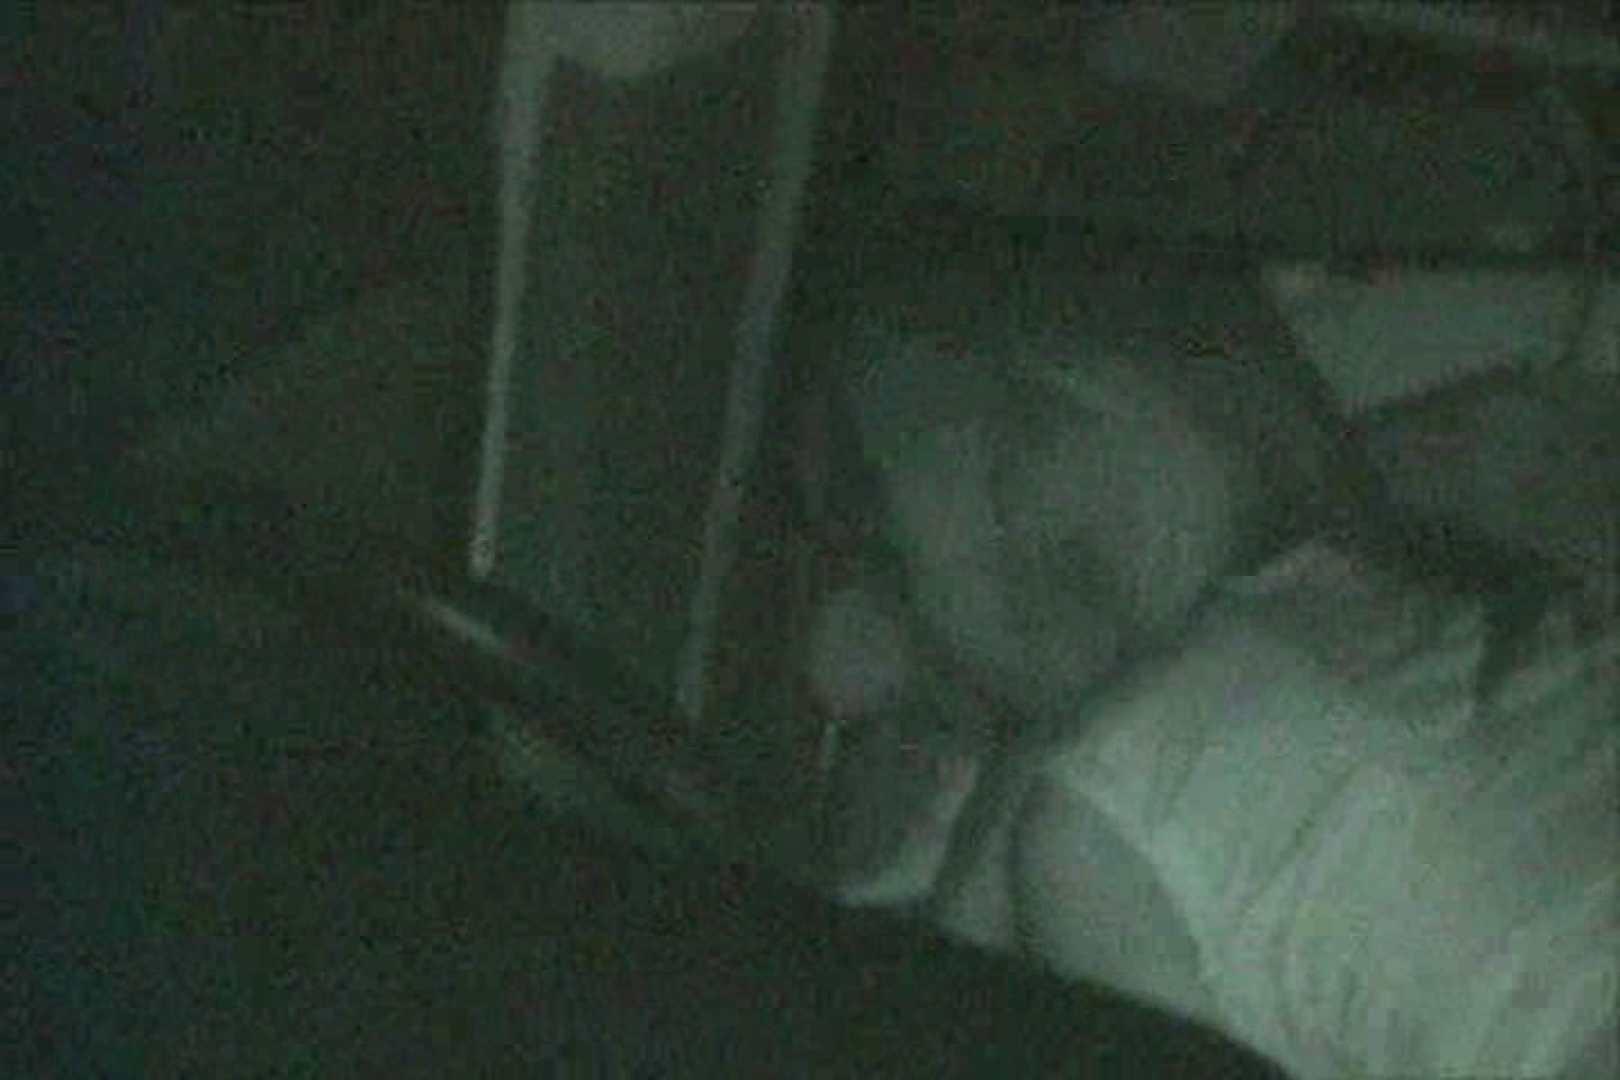 車の中はラブホテル 無修正版  Vol.25 セックス AV無料動画キャプチャ 103PIX 40